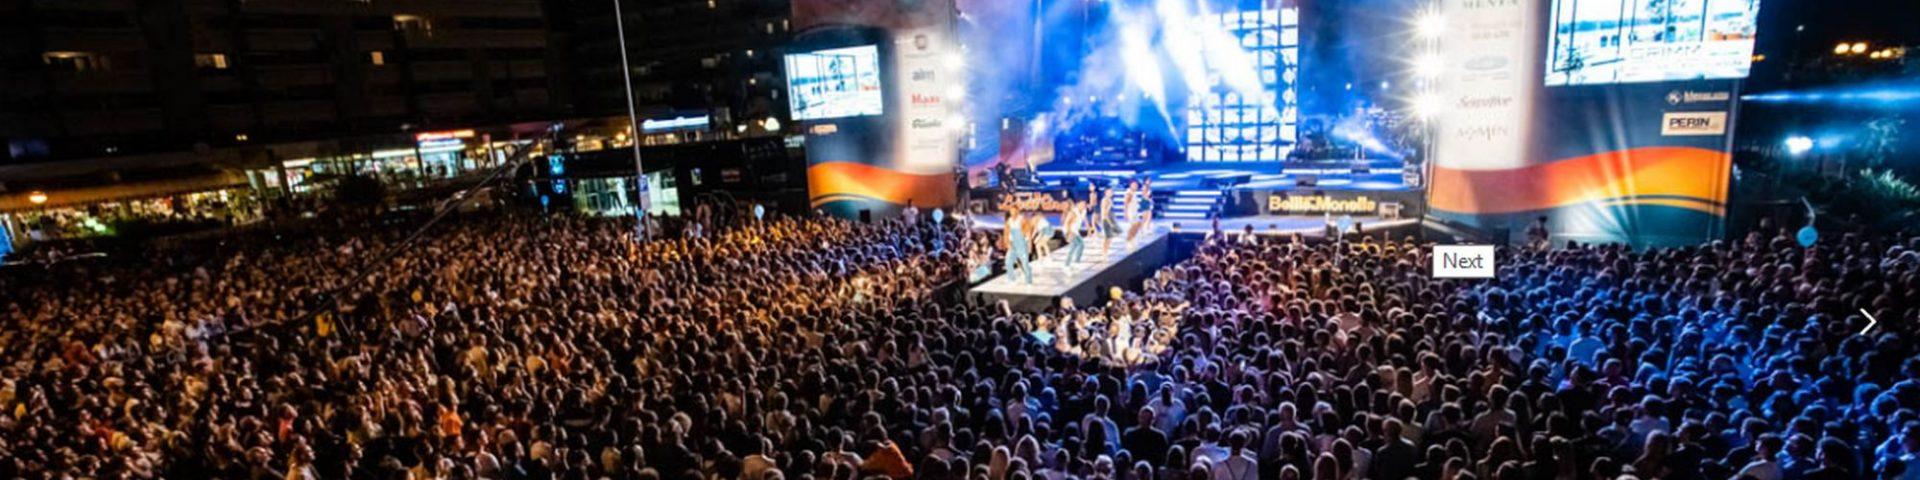 Festival Show 2019 a Mestre – 23/08/19